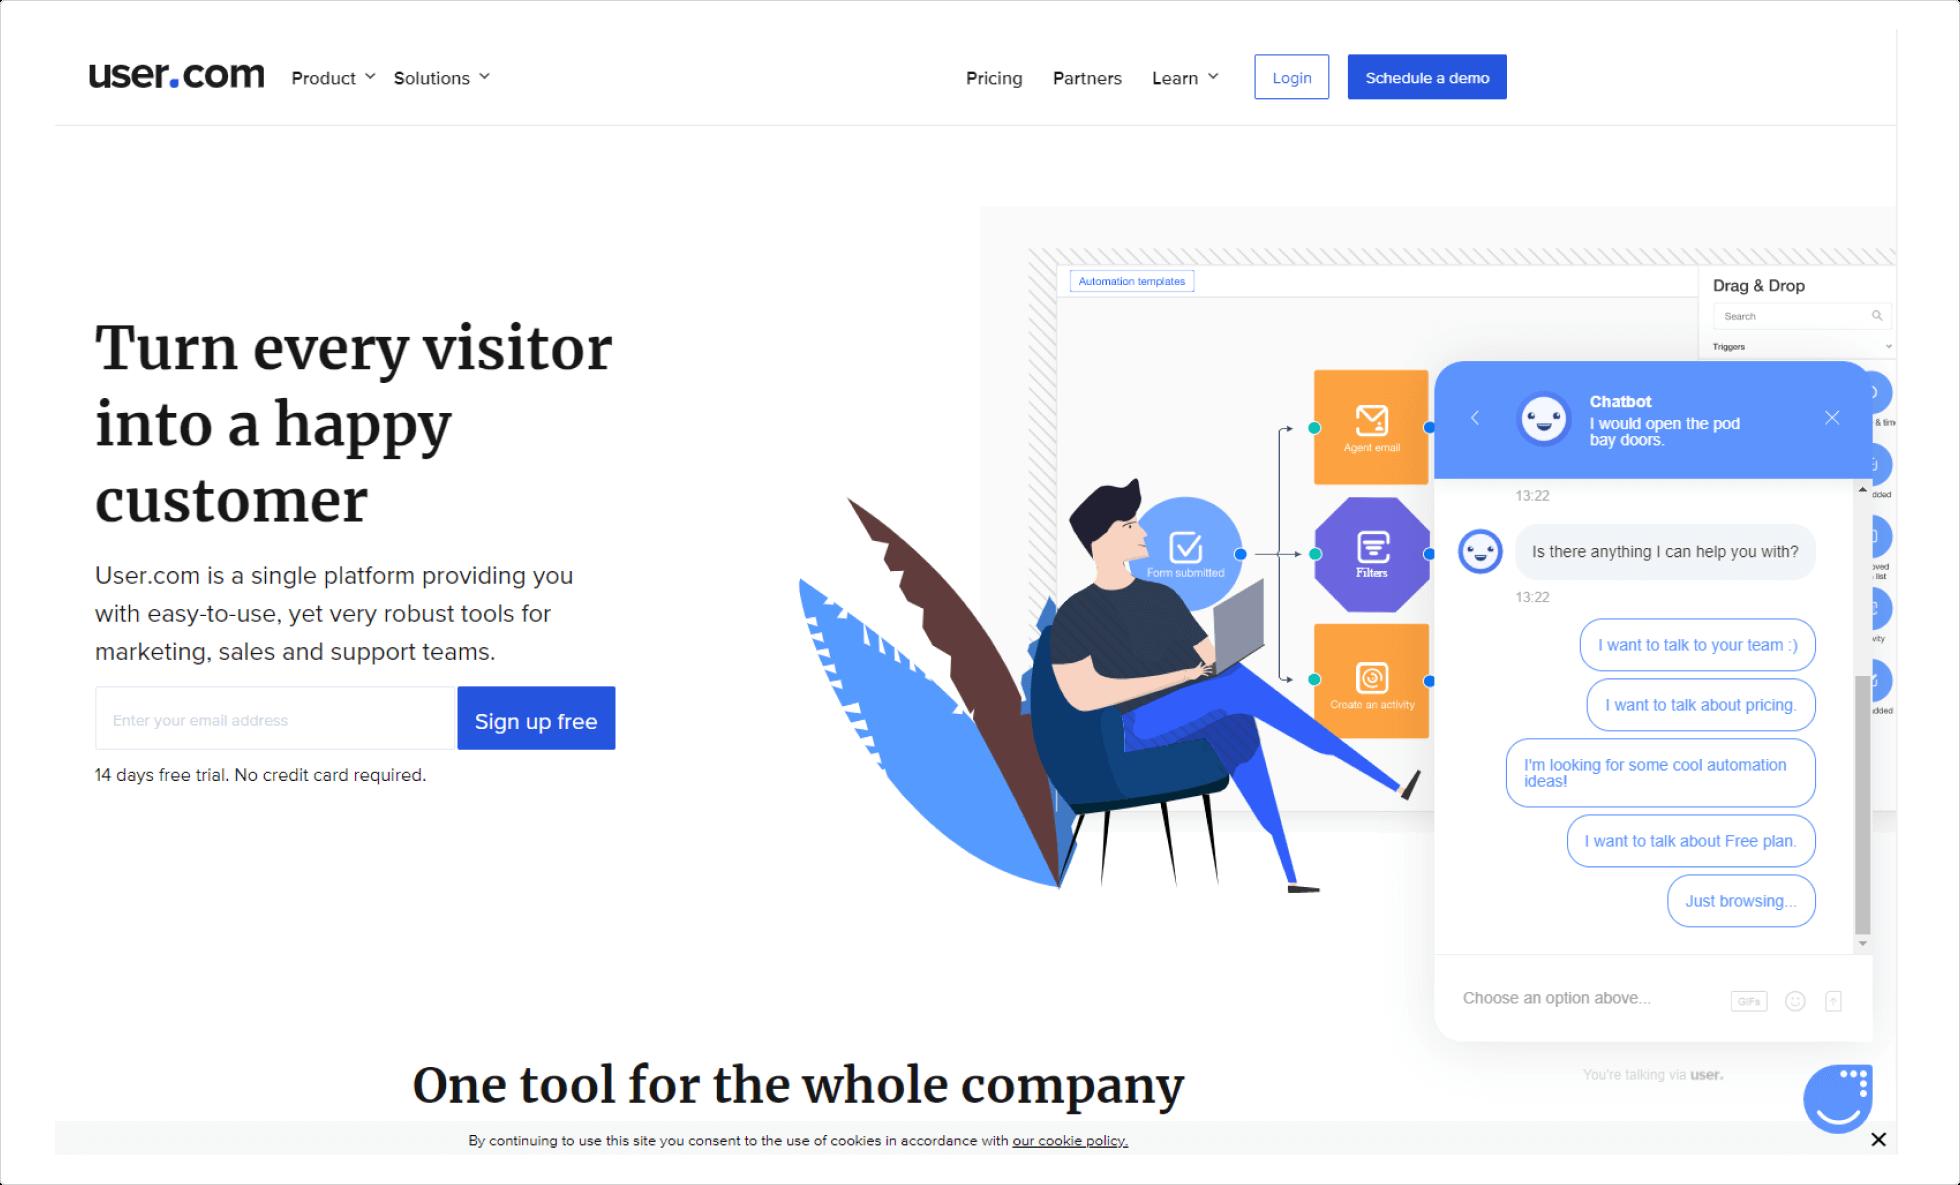 Окно чат-бота на главной странице User.com